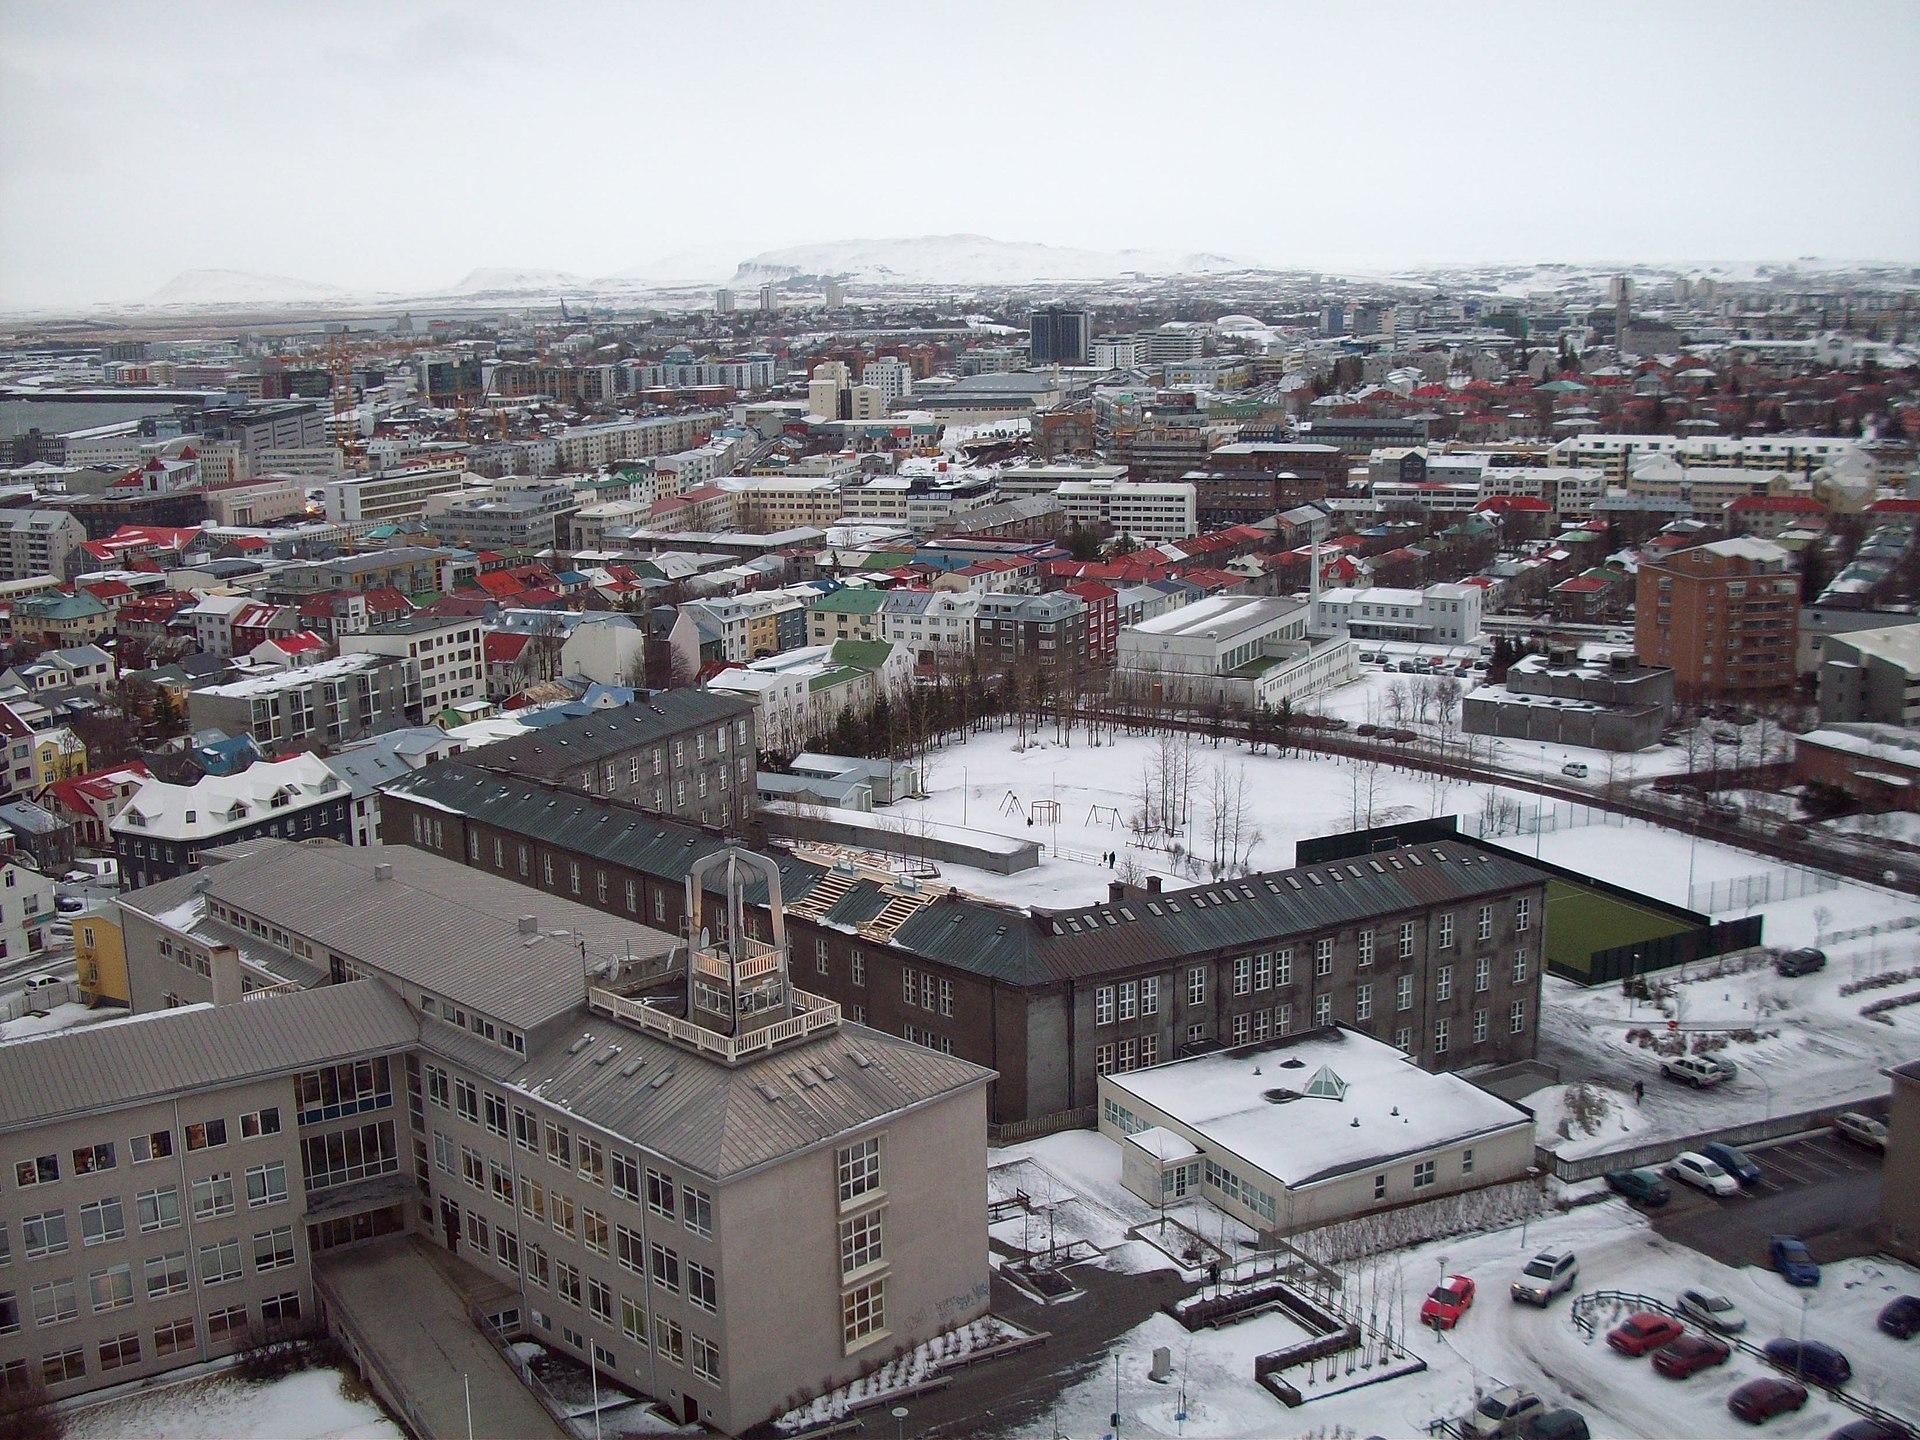 1920px-Reykjavík_séð_úr_Hallgrímskirkju_6